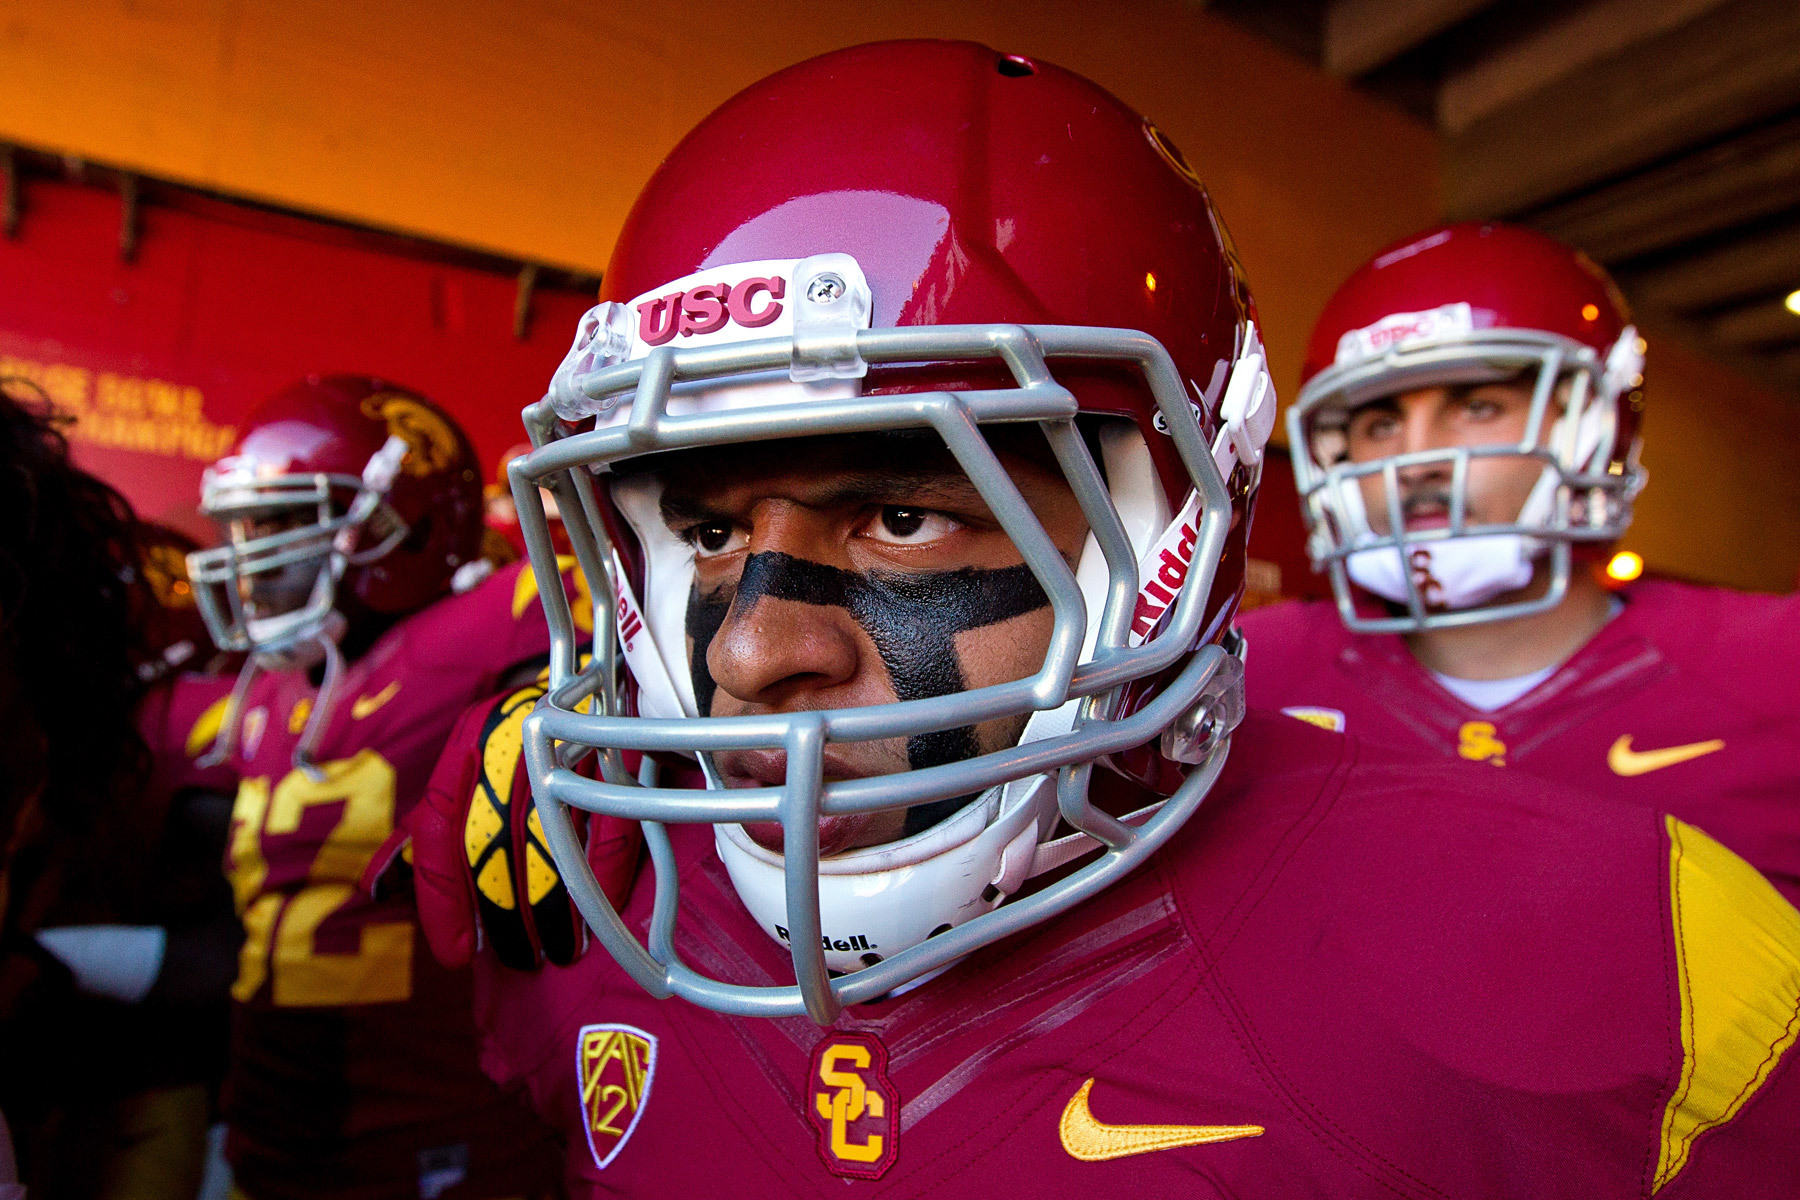 The USC Trojans September 20, 2013